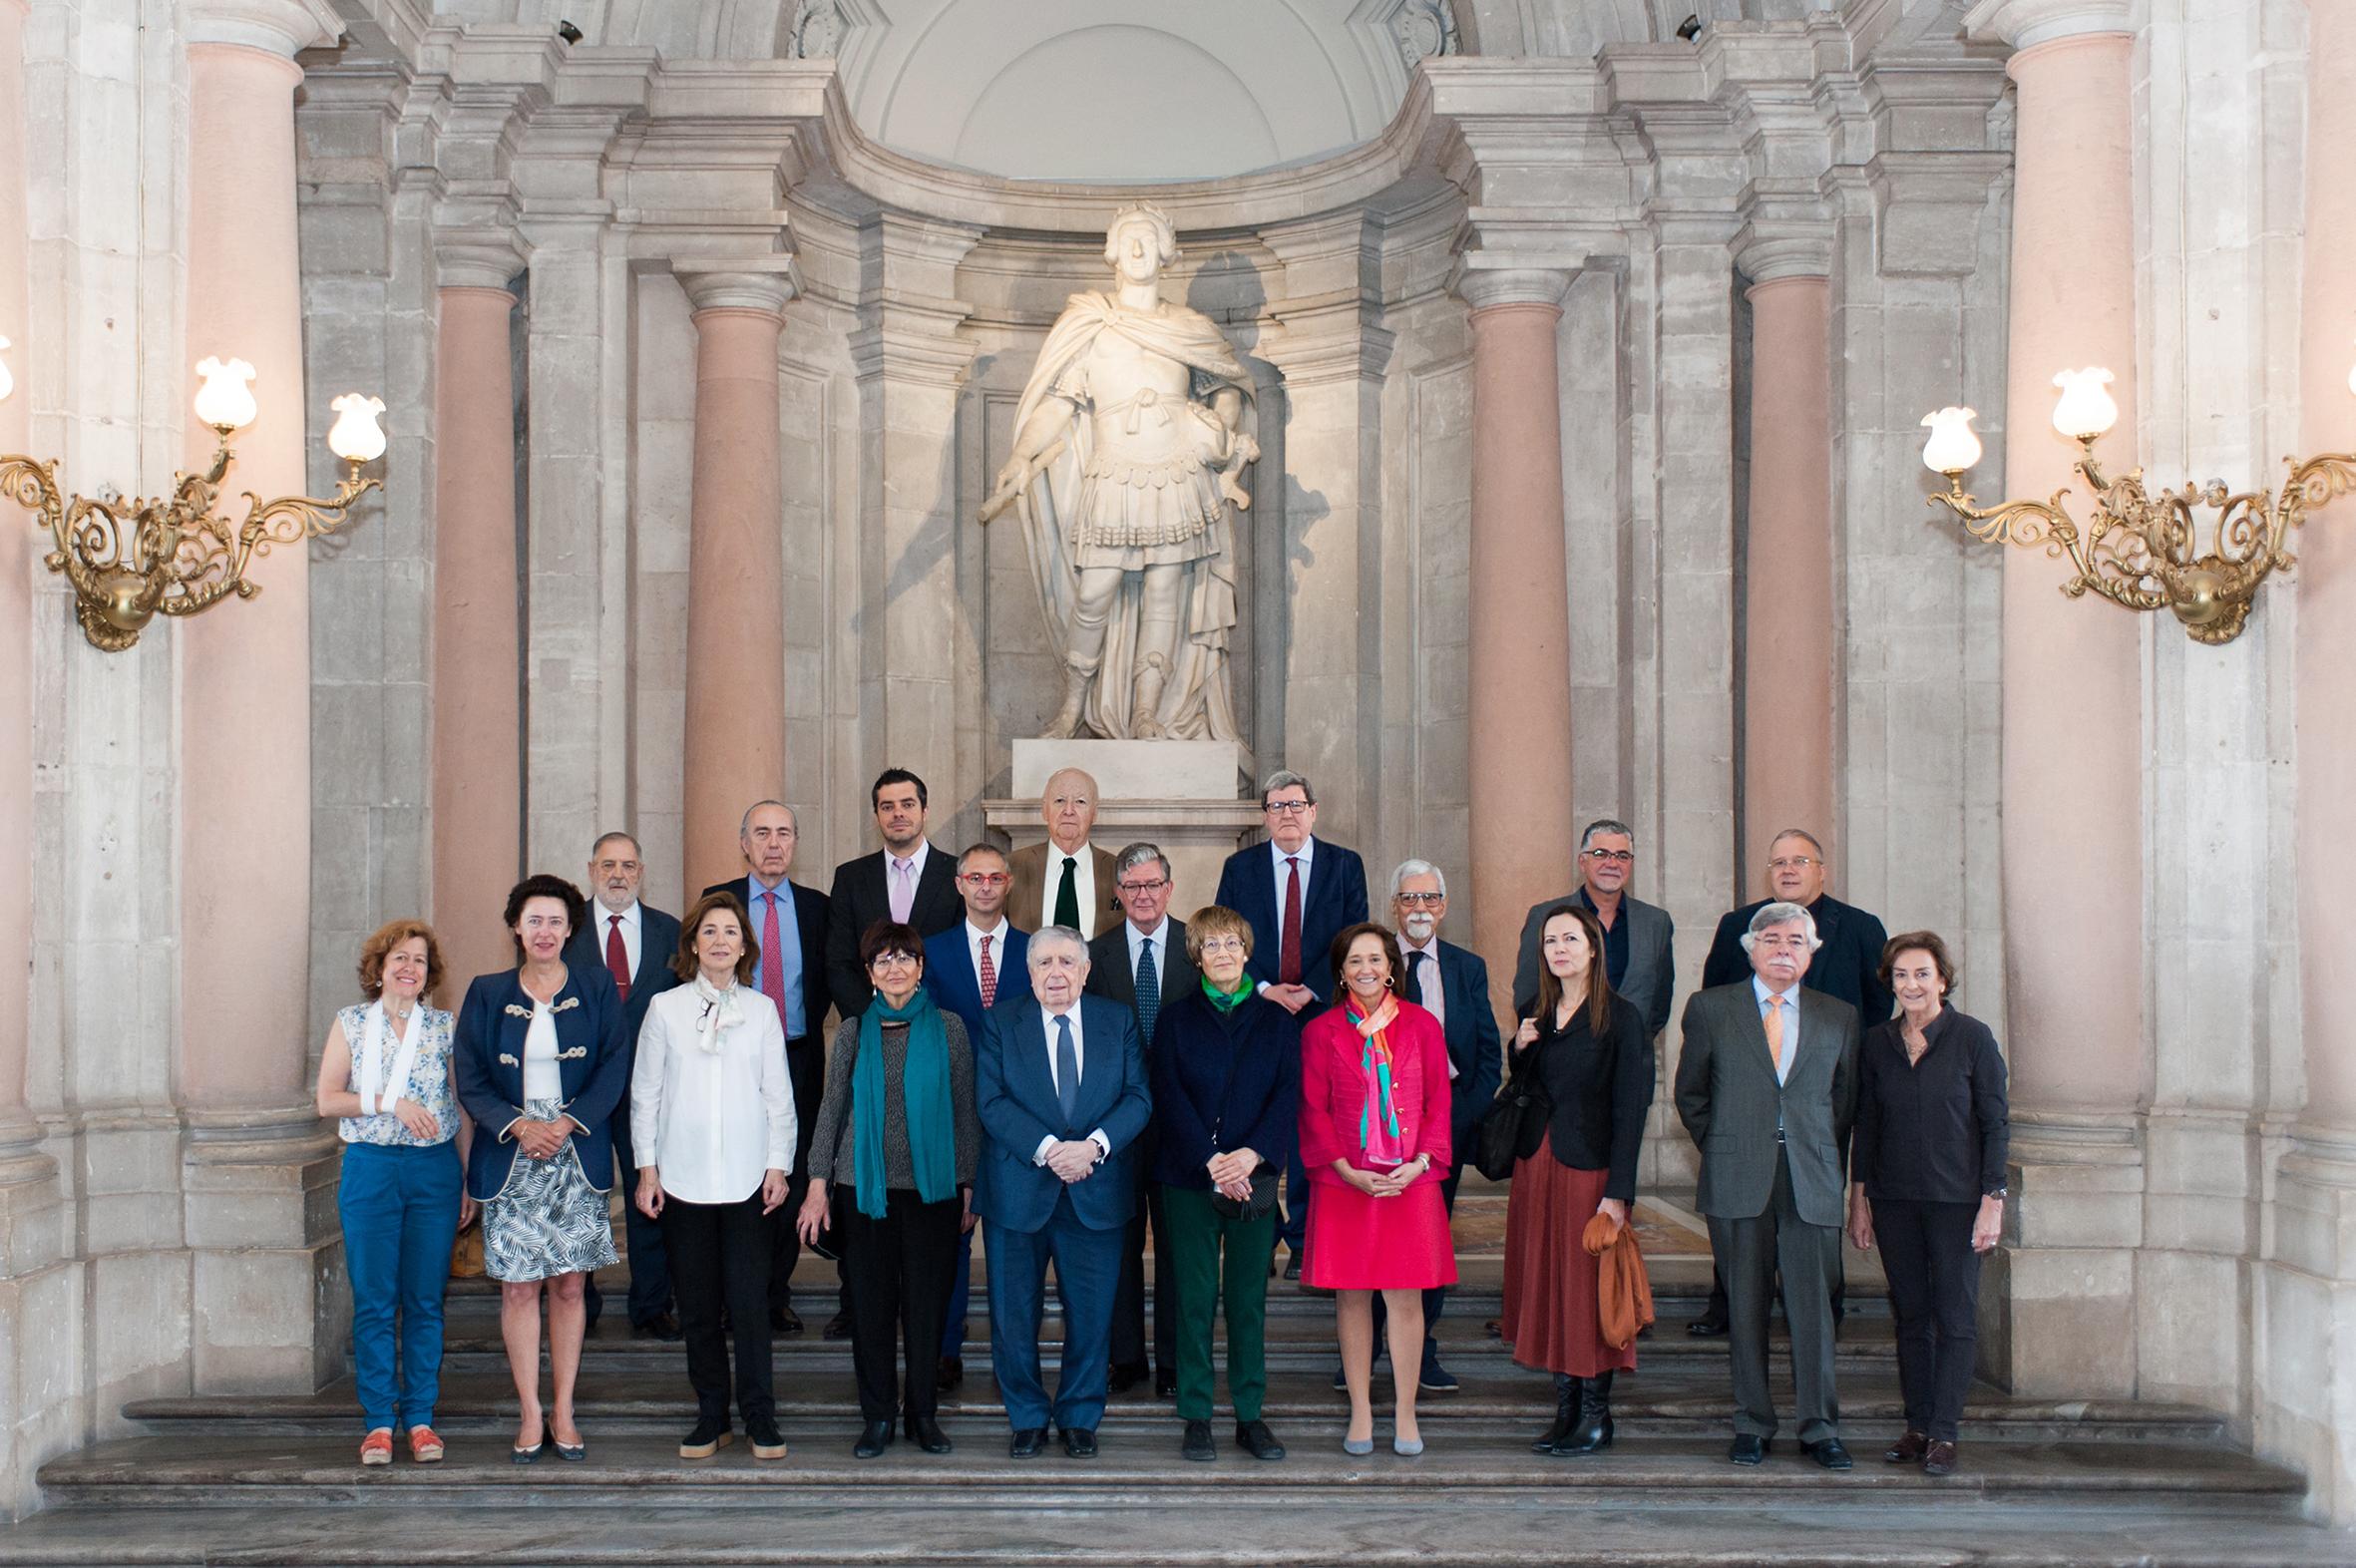 La Universidad de Salamanca y Patrimonio Nacional conceden el XXVII Premio Reina Sofía de Poesía Iberoamericana al poeta venezolano Rafael Cadenas